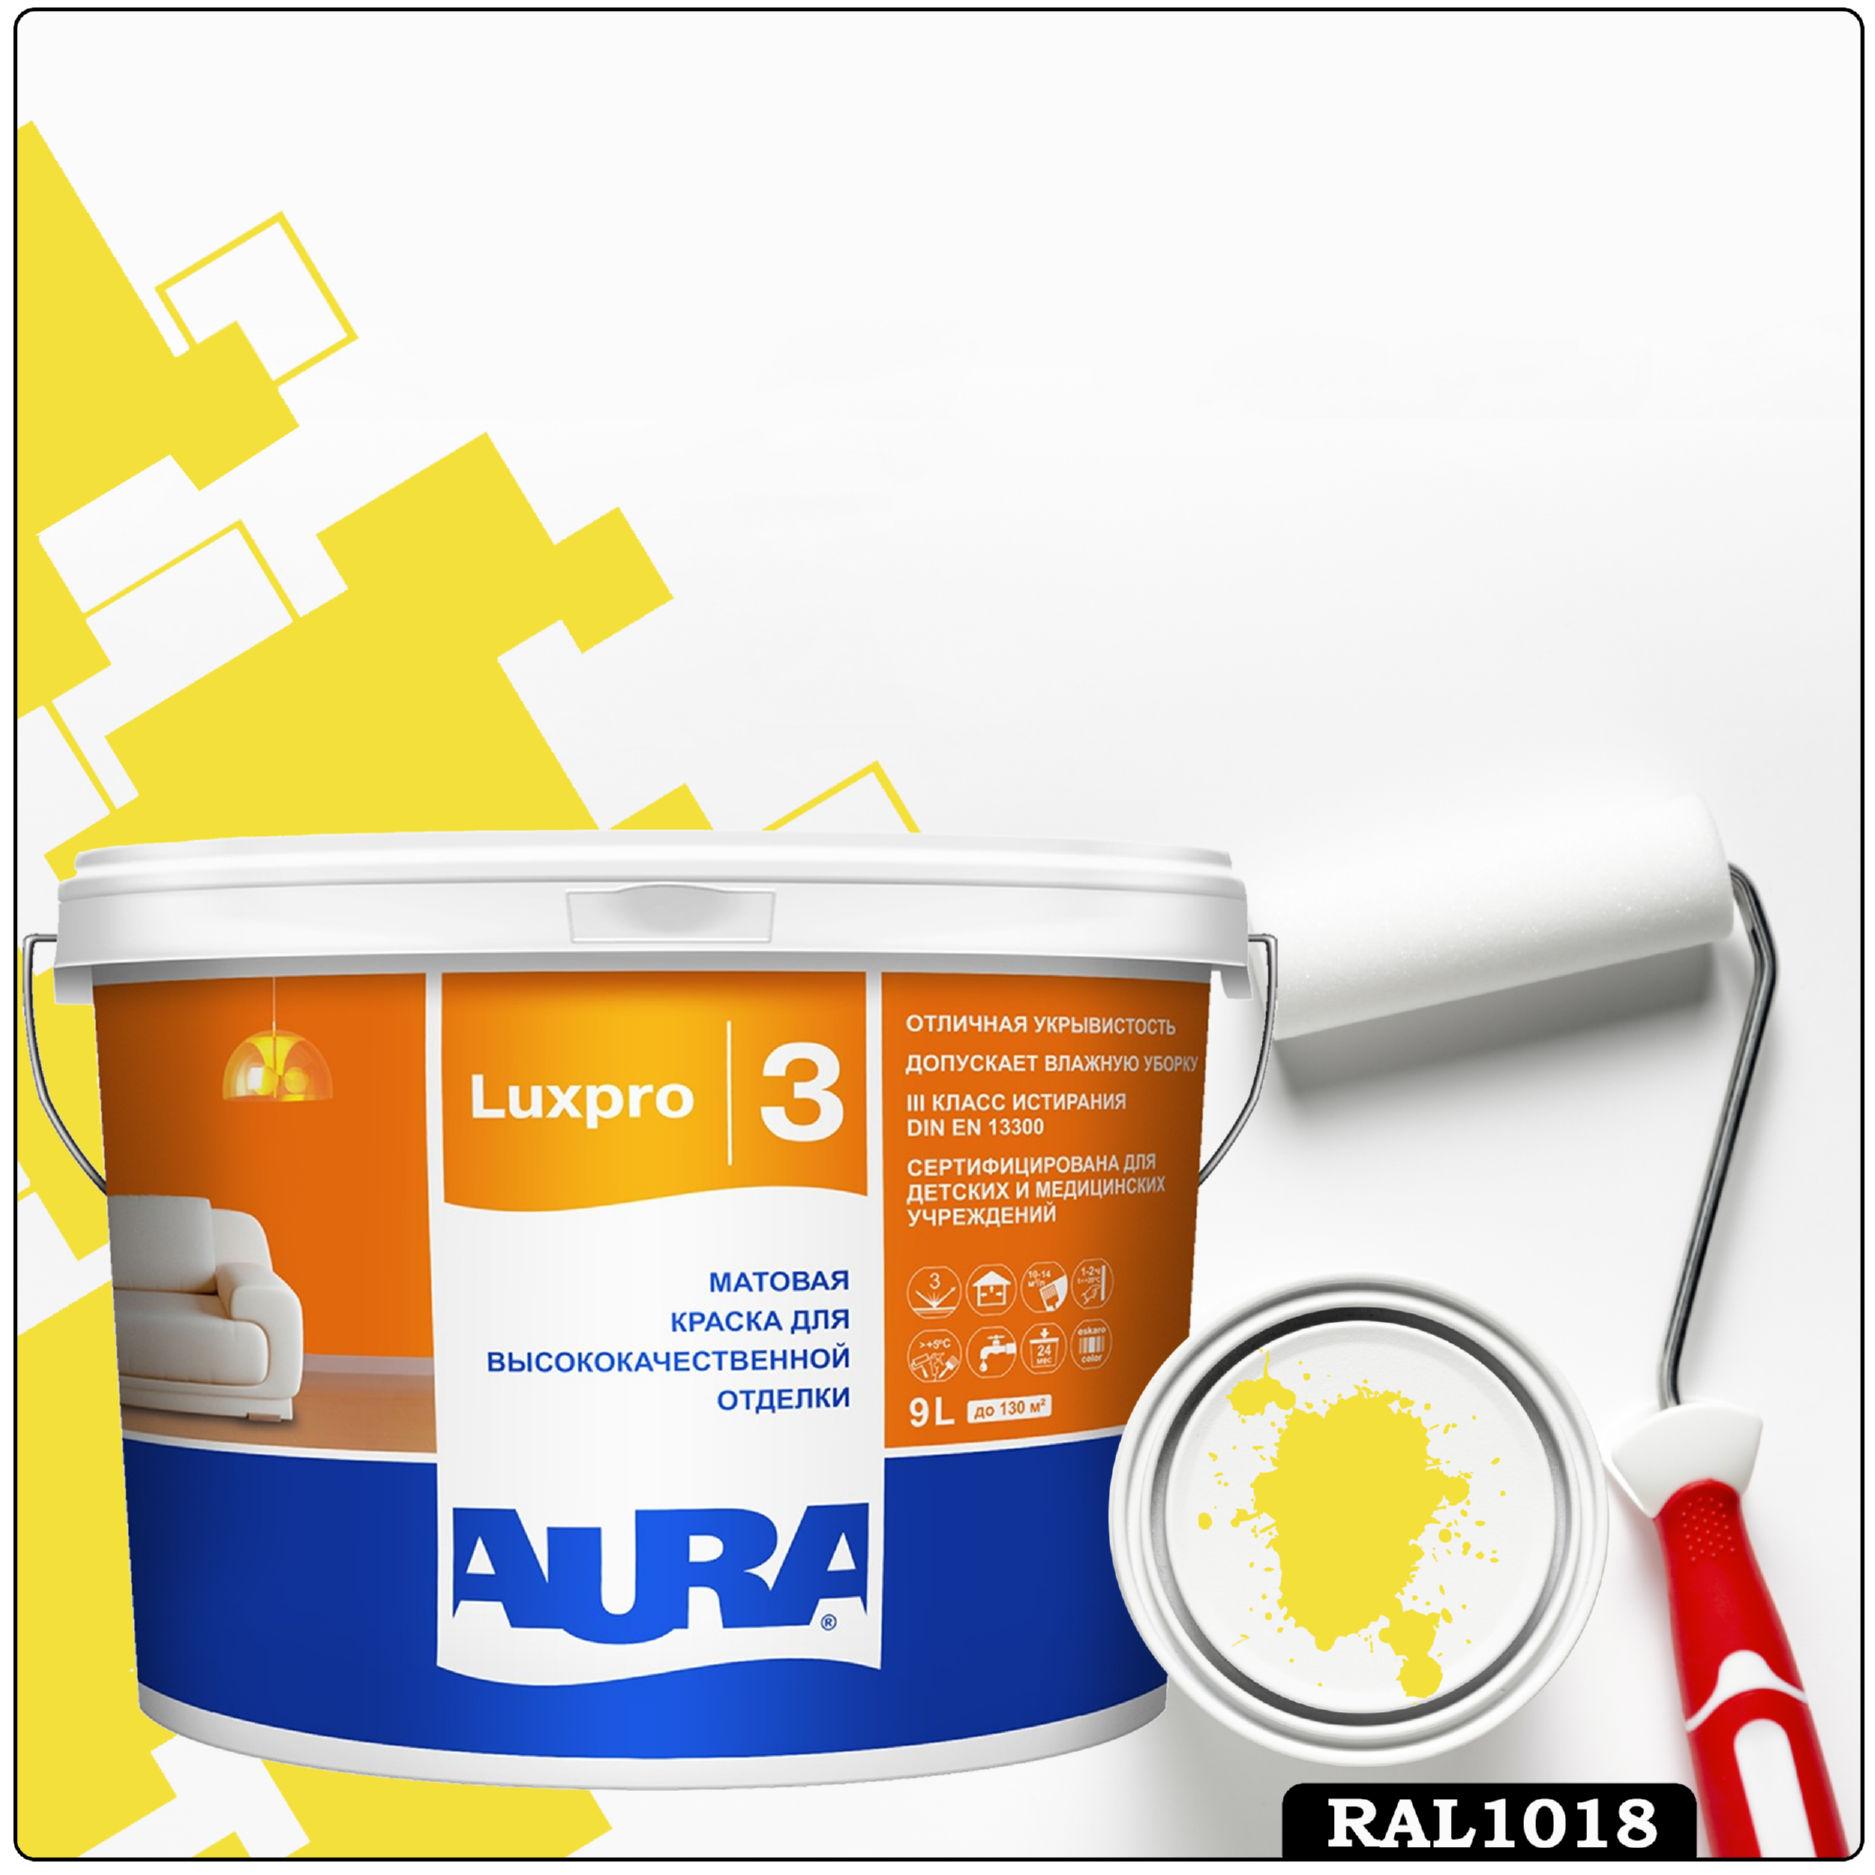 Фото 16 - Краска Aura LuxPRO 3, RAL 1018 Цинково-жёлтый, латексная, шелково-матовая, интерьерная, 9л, Аура.